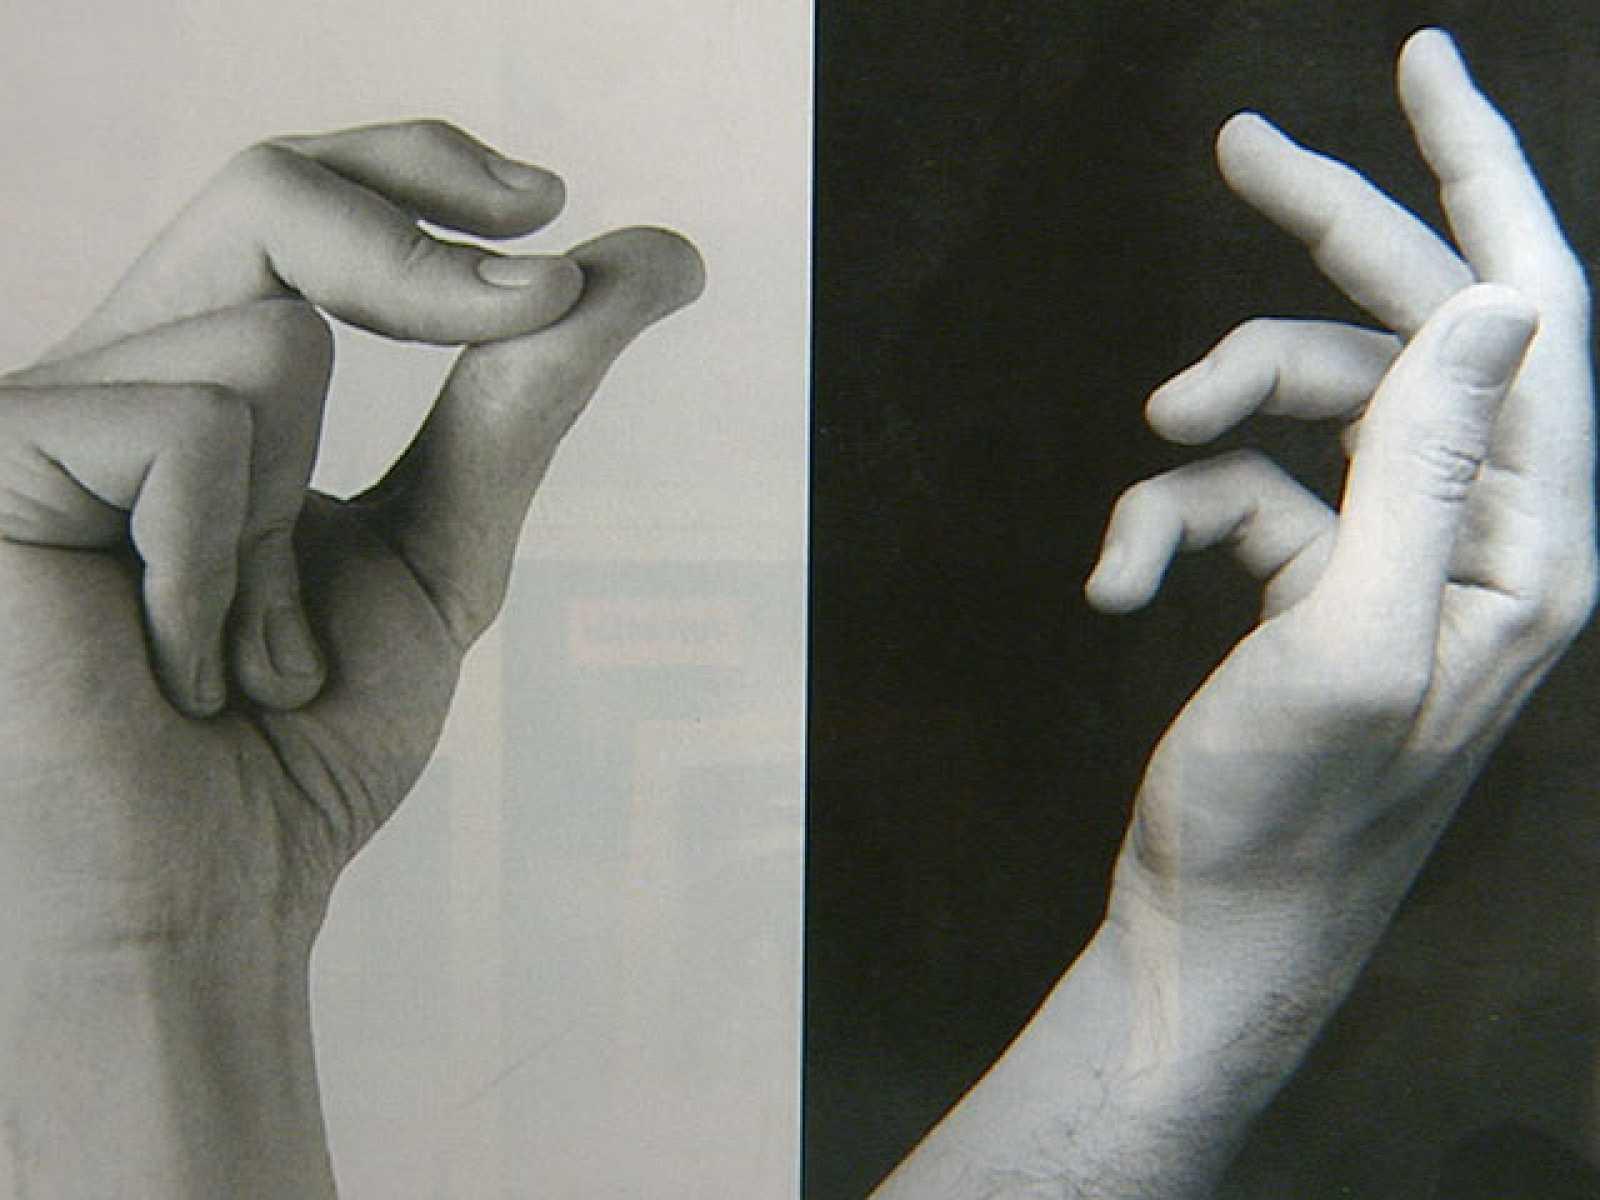 ceb3af1678d Quién quiere ser la mano de Edward Norton? - RTVE.es